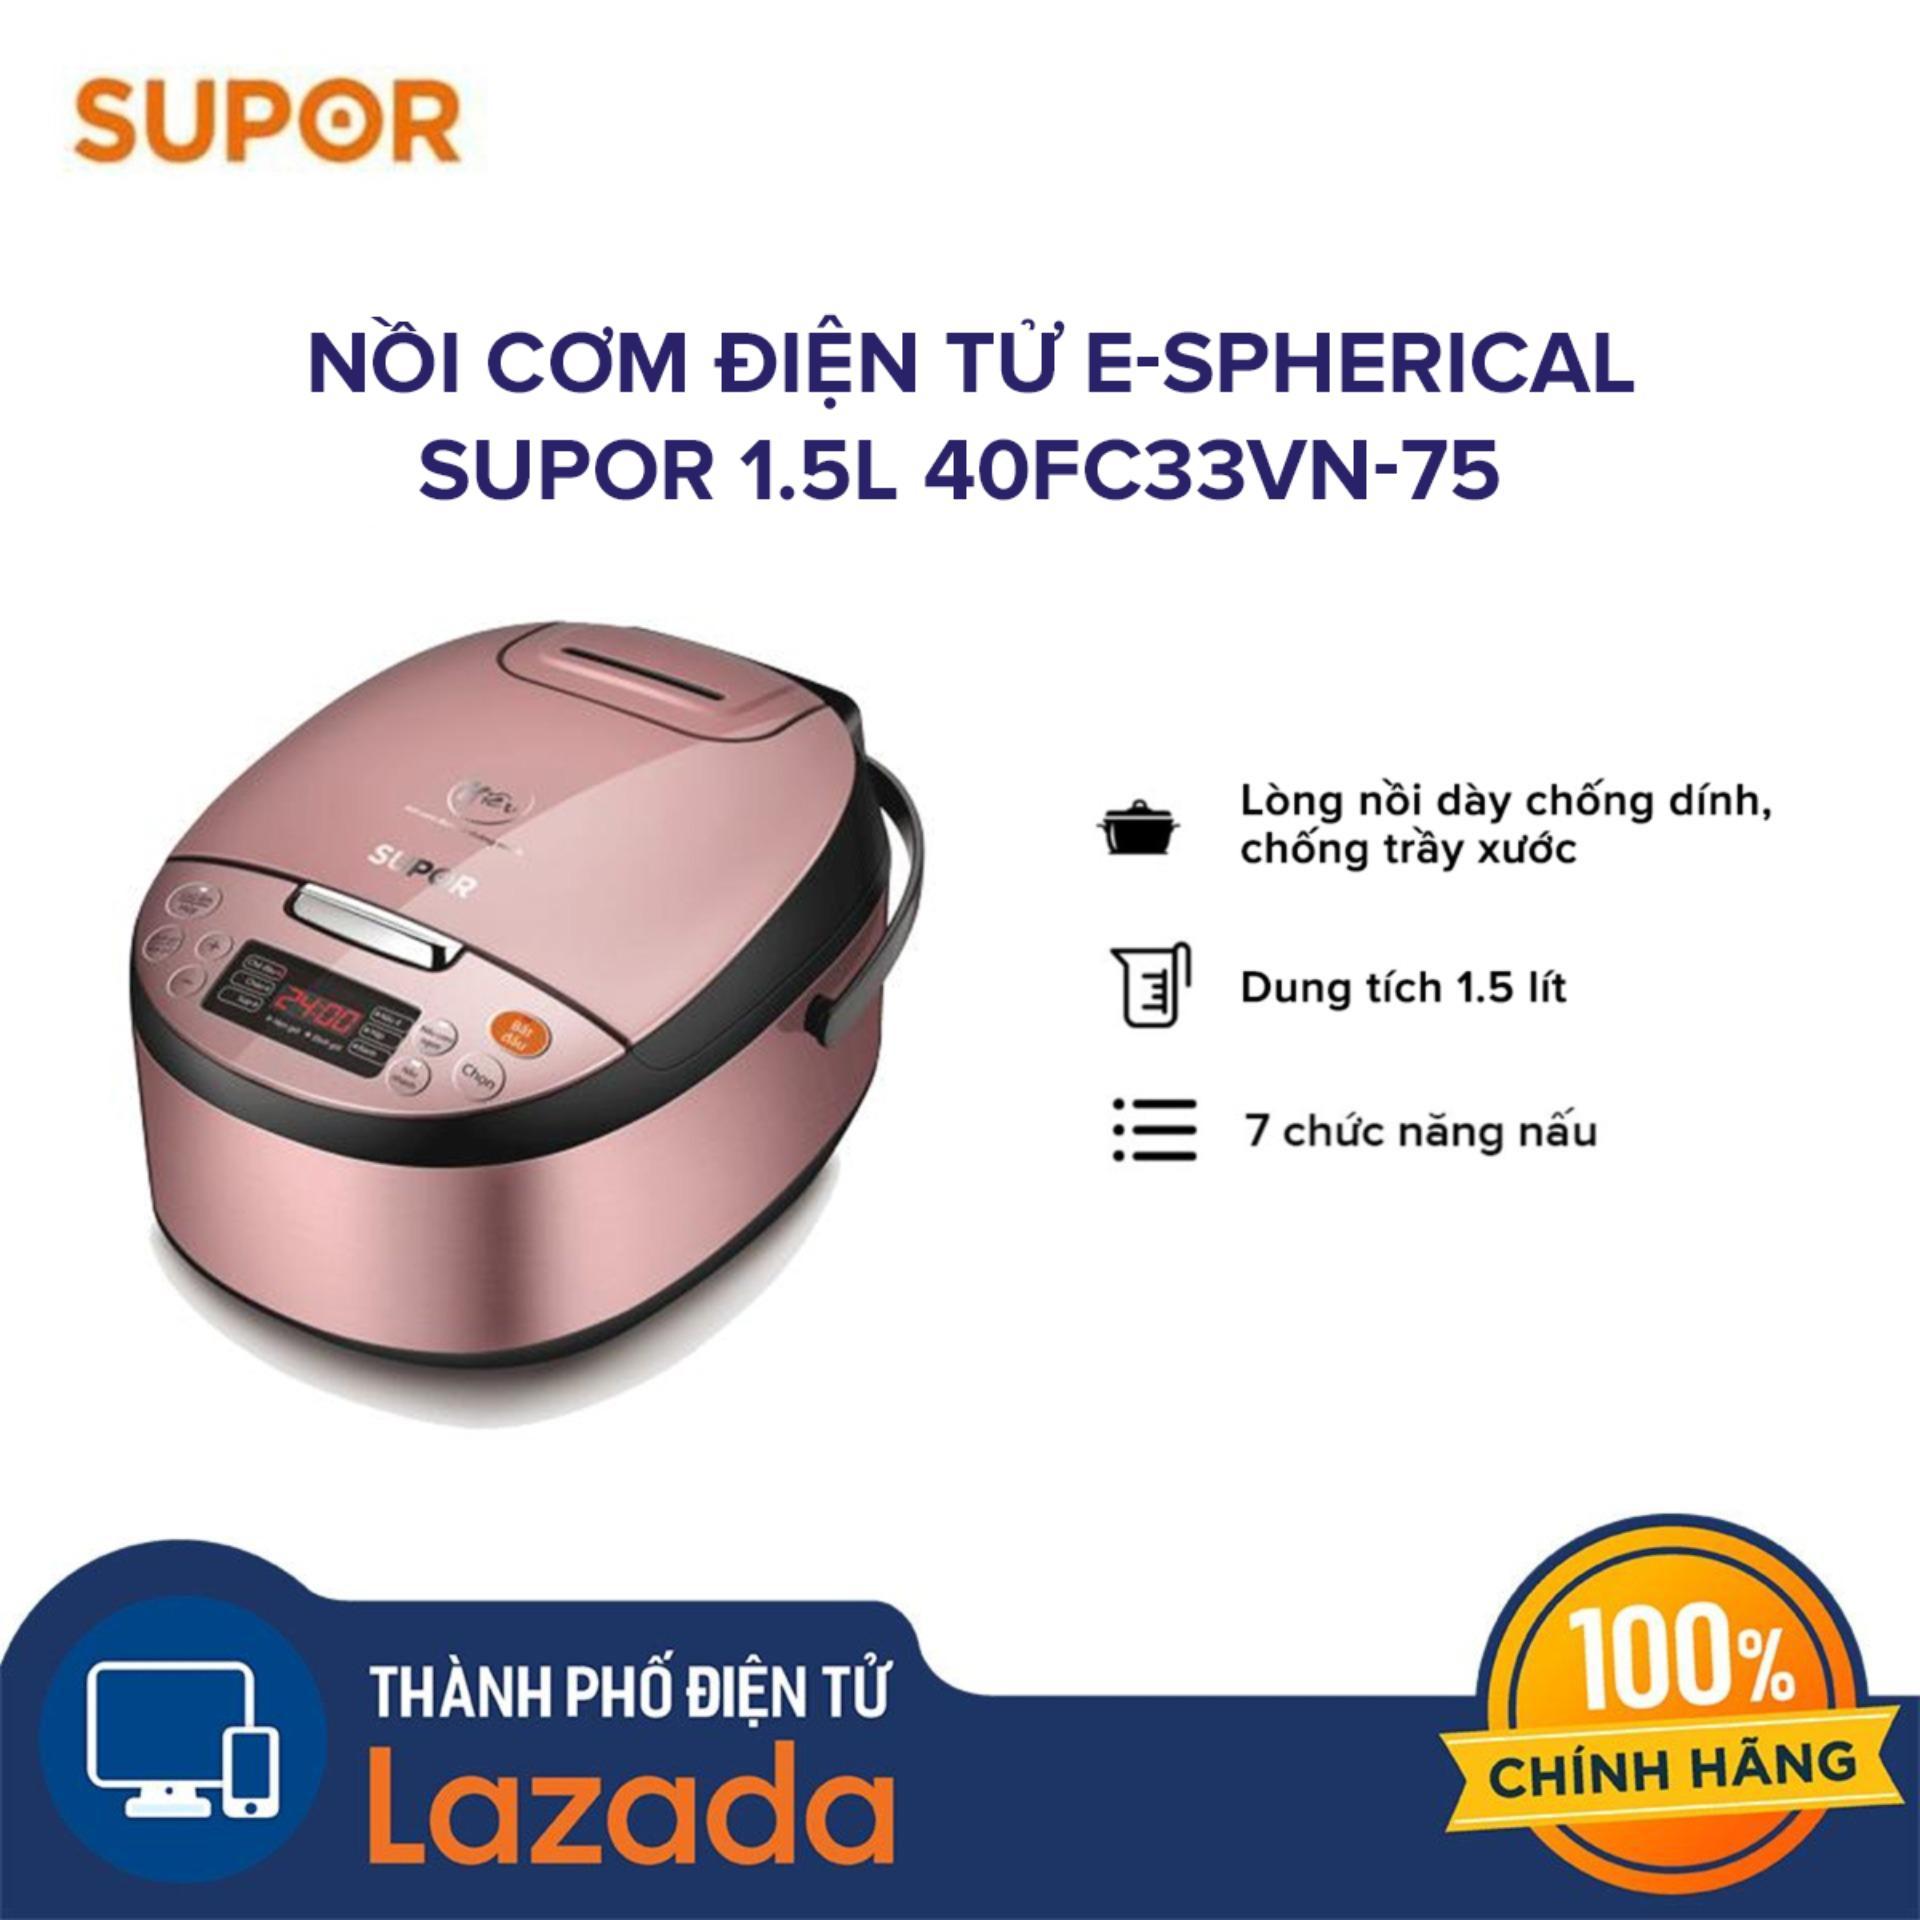 Nồi cơm điện tử Supor 1.5l 40FC33VN-75 lòng nồi chống dính - Hàng phân phối chính hãng